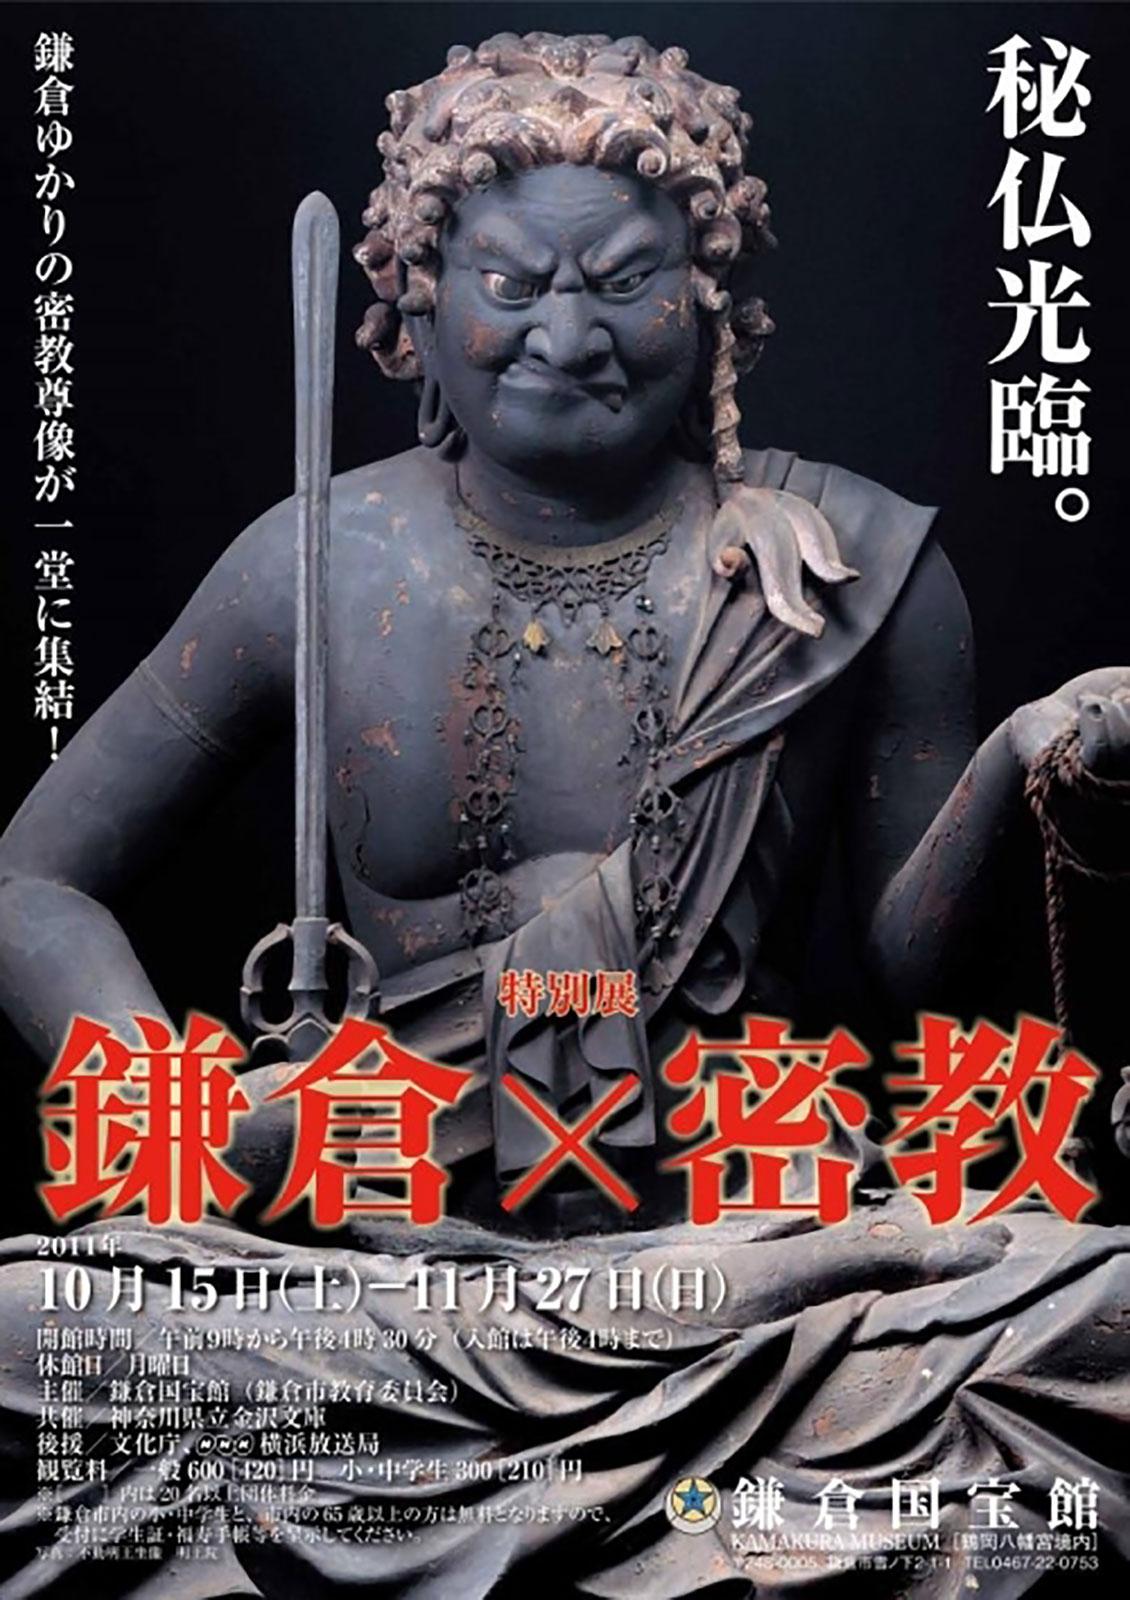 鎌倉×密教展フライヤ